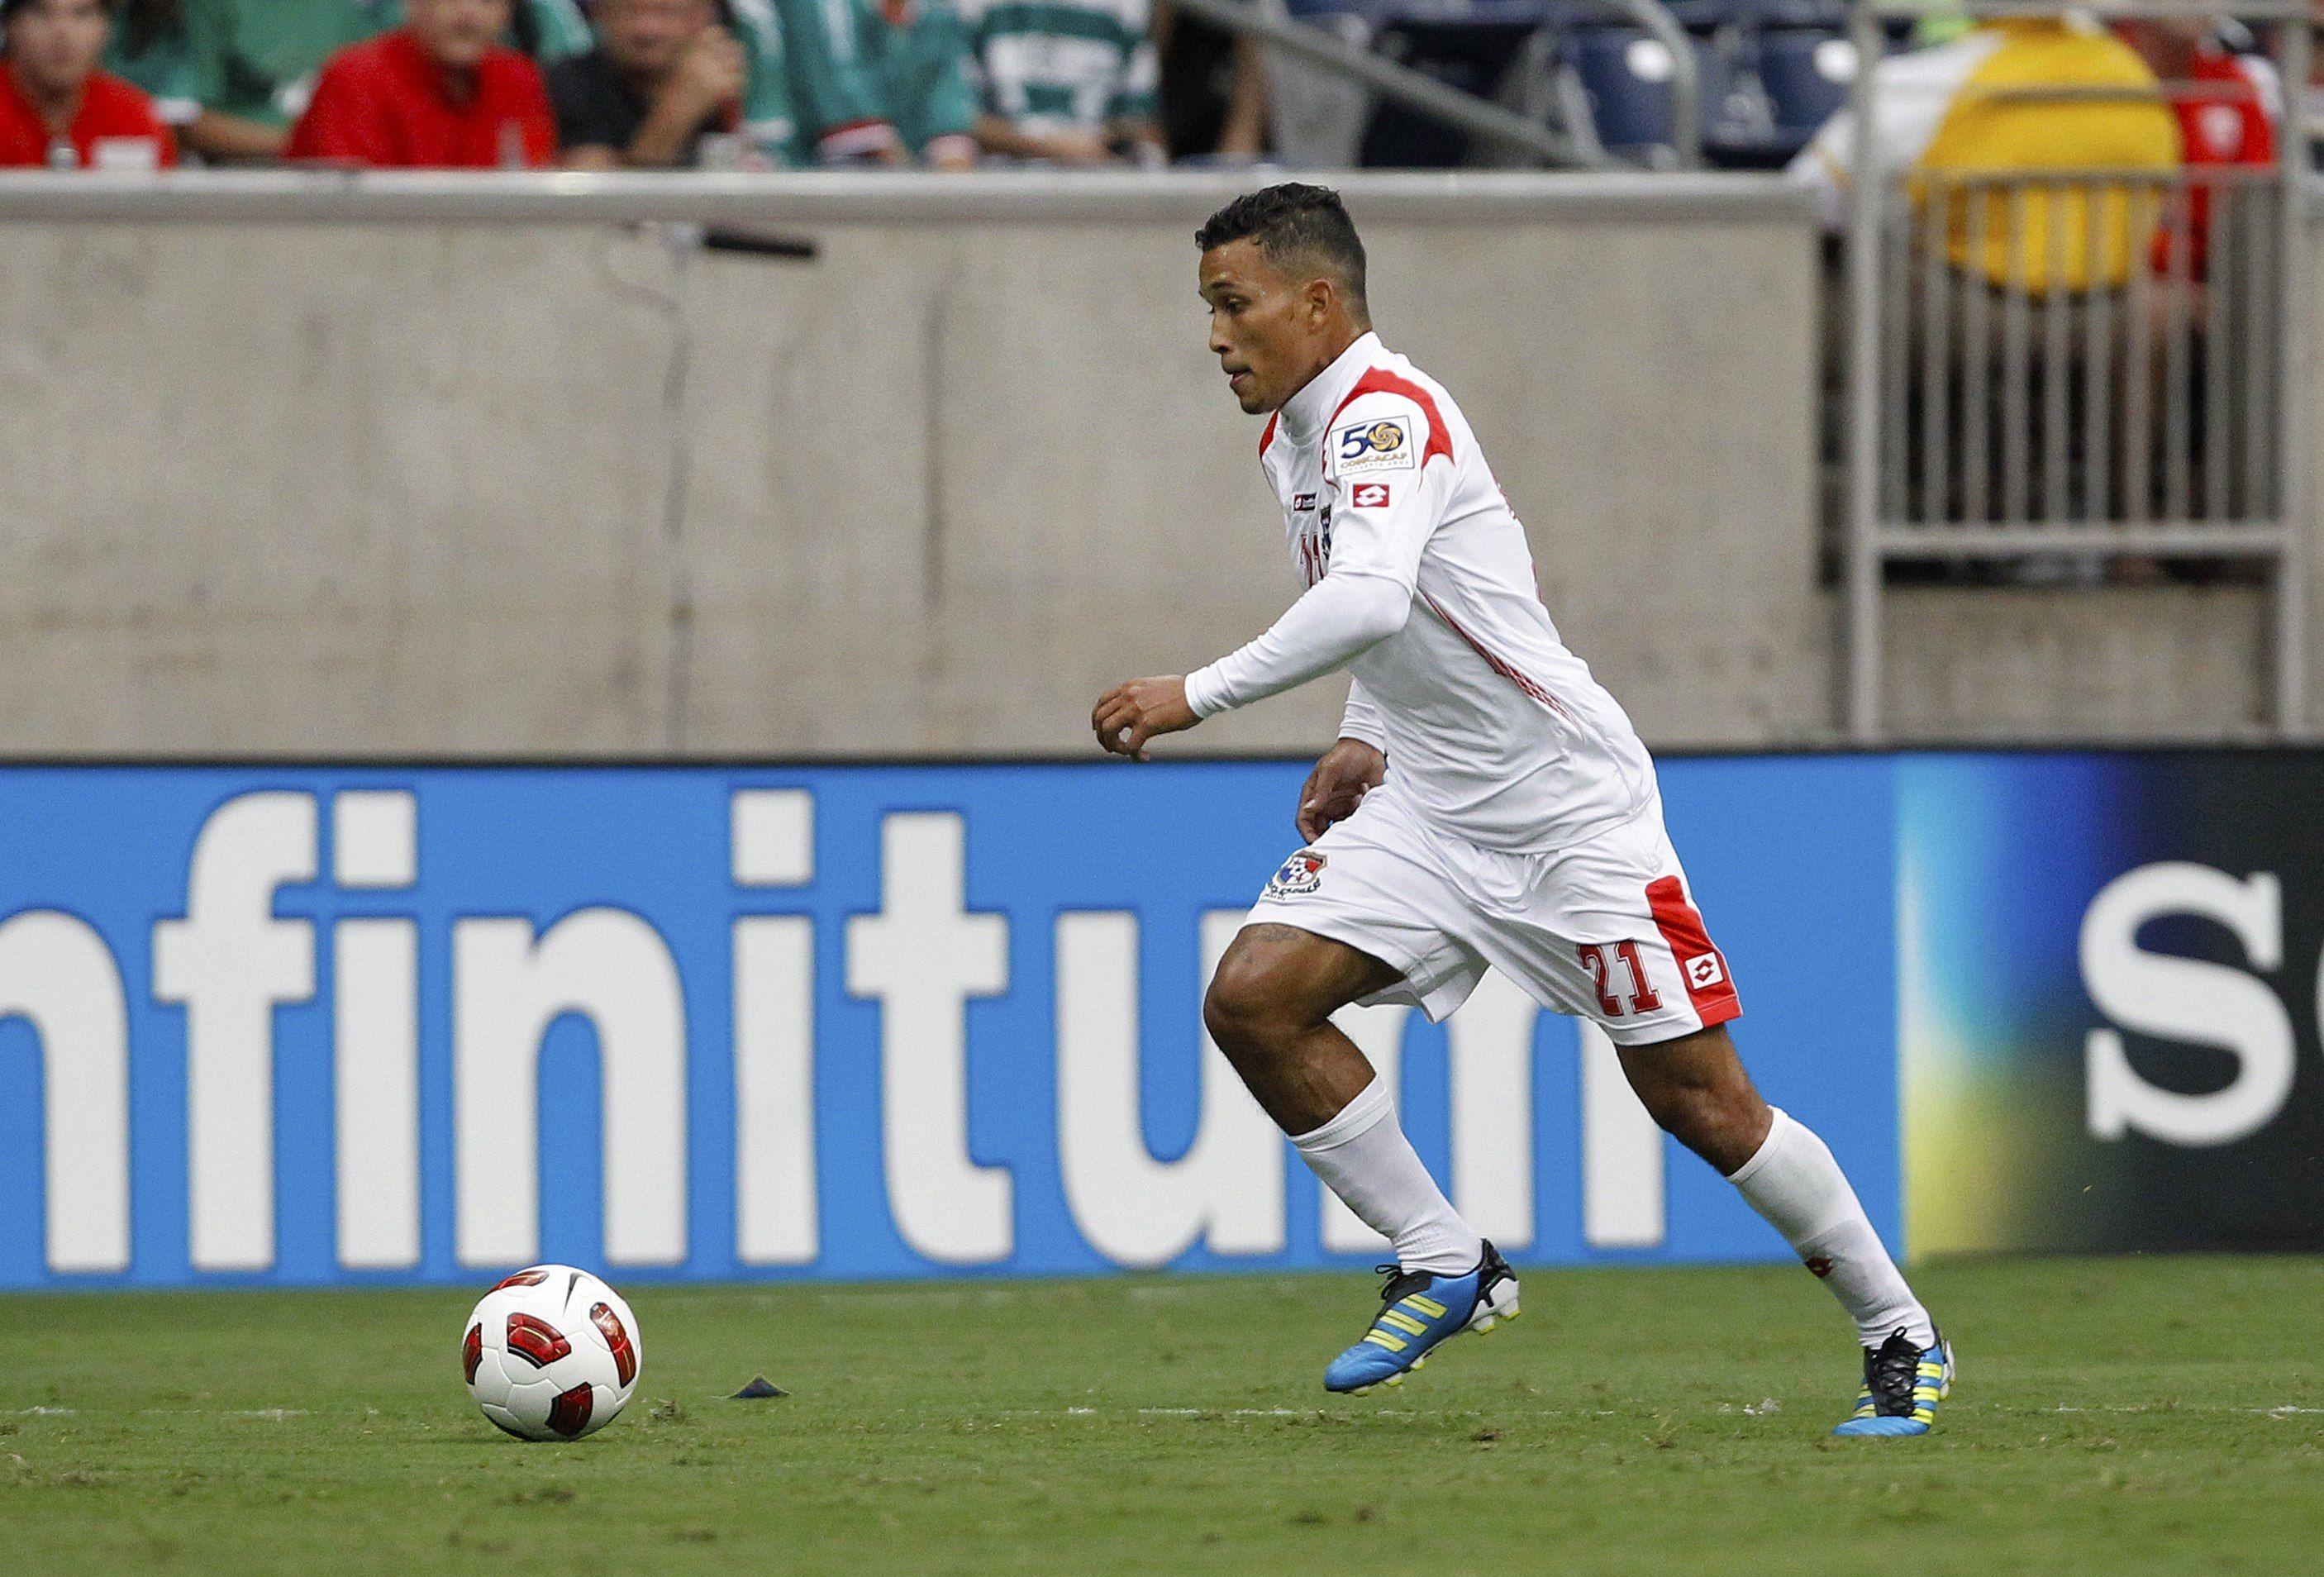 La Federación Panameña de Fútbol (Fepafut) confirmó el deceso en Twitter